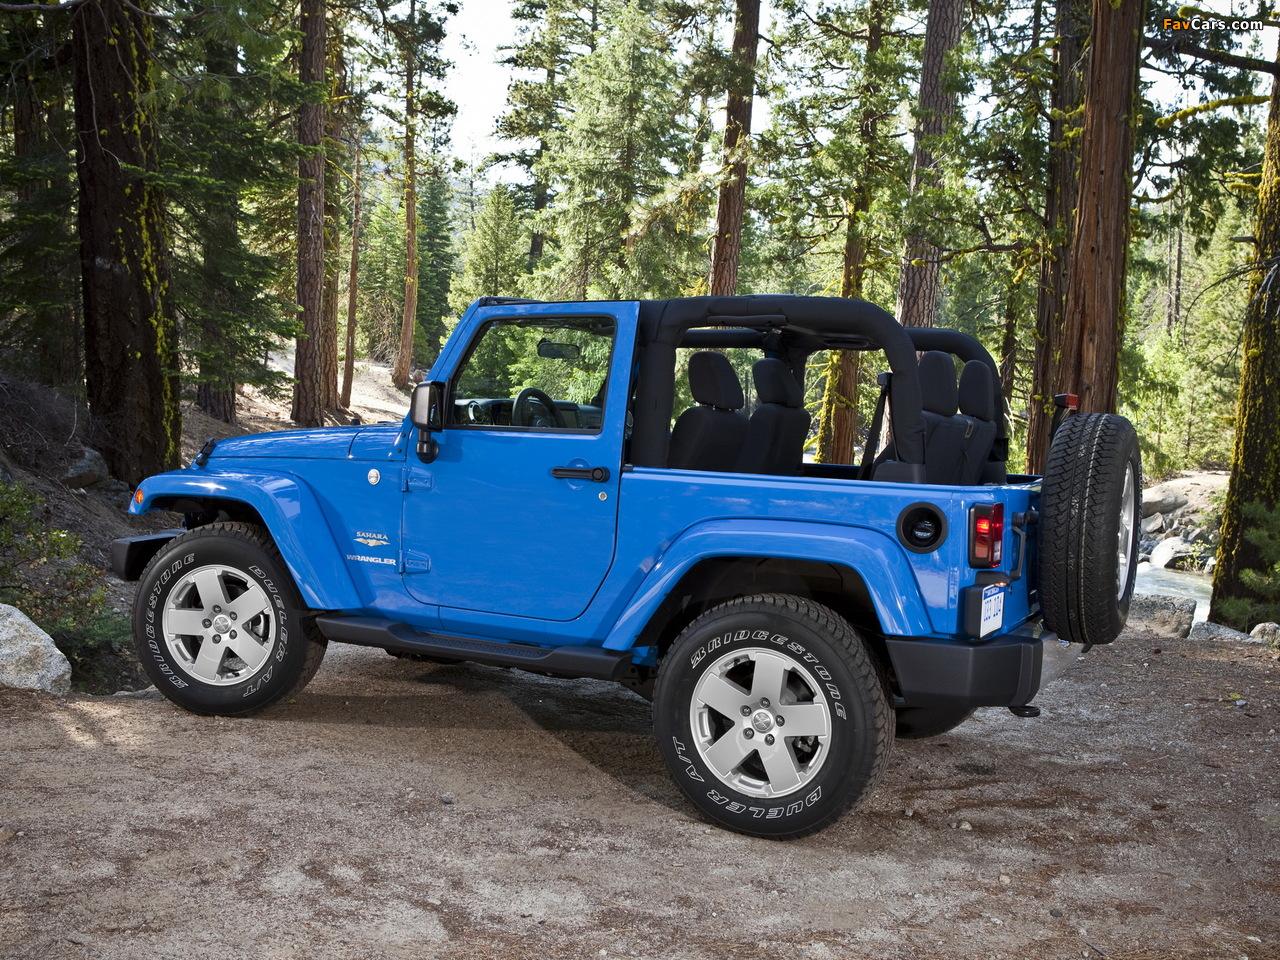 Jeep Wrangler Sahara (JK) 2007 photos (1280 x 960)